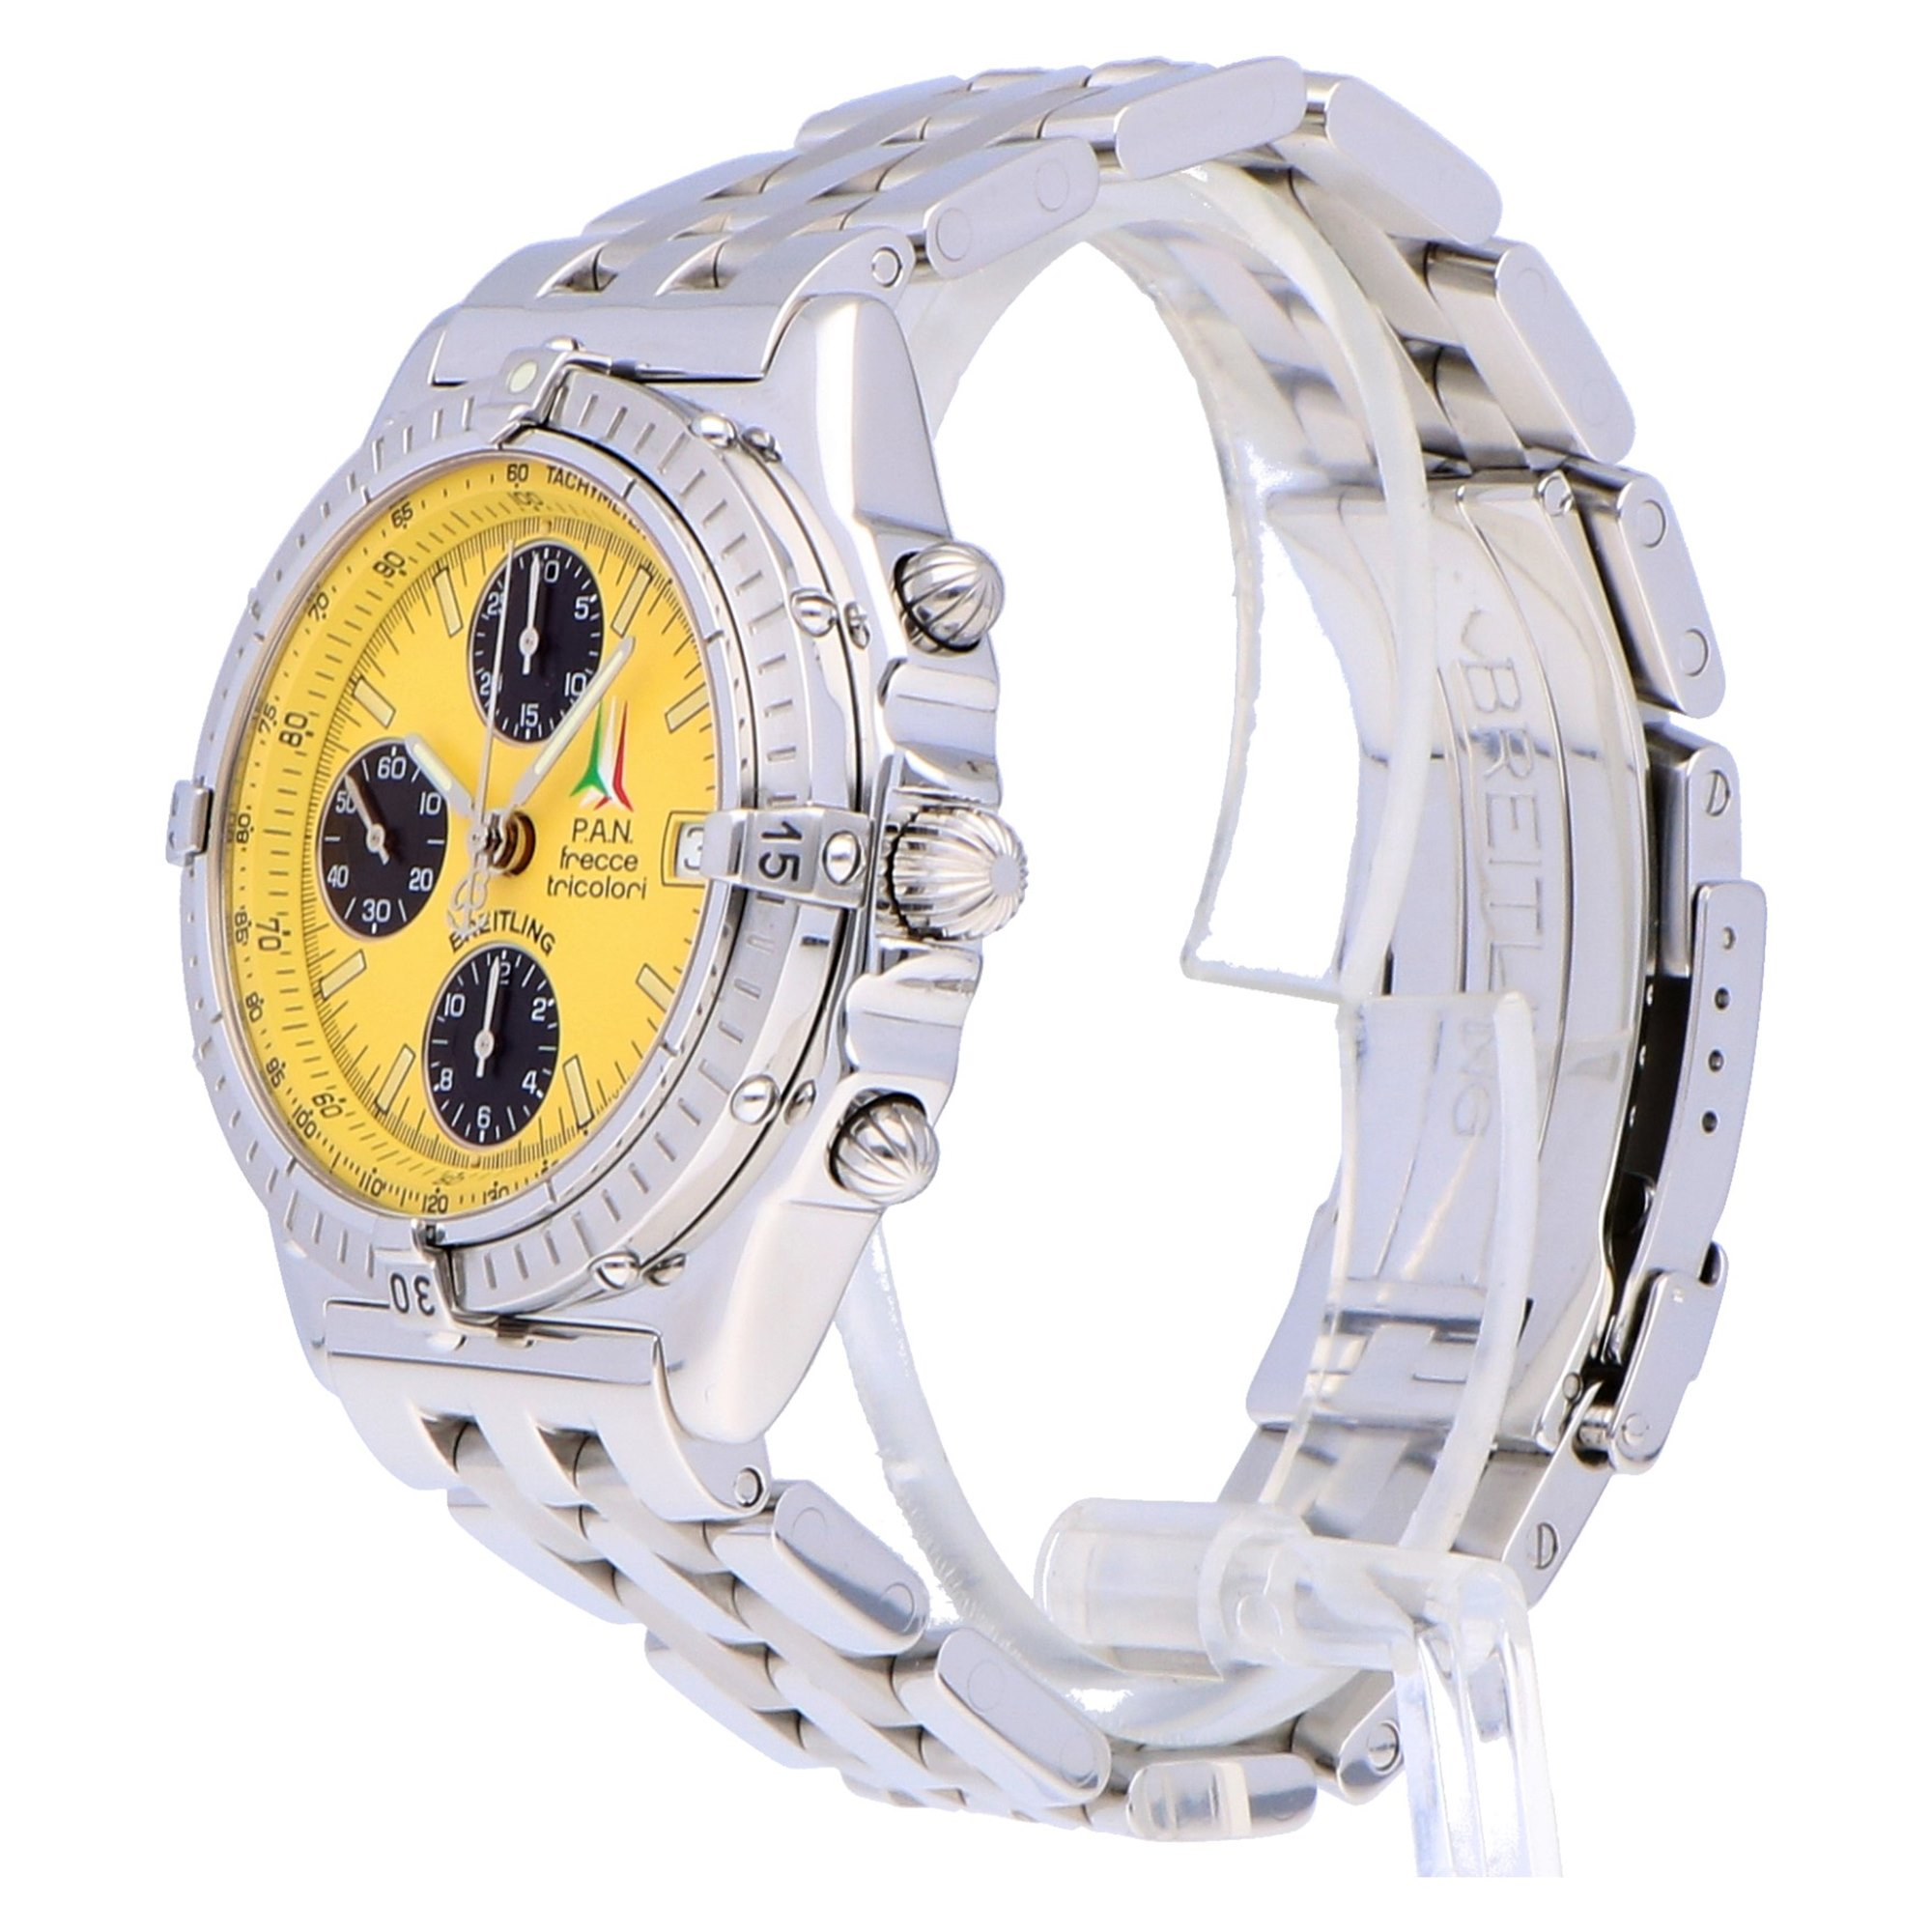 Breitling Chronomat Stainless Steel B13050.1